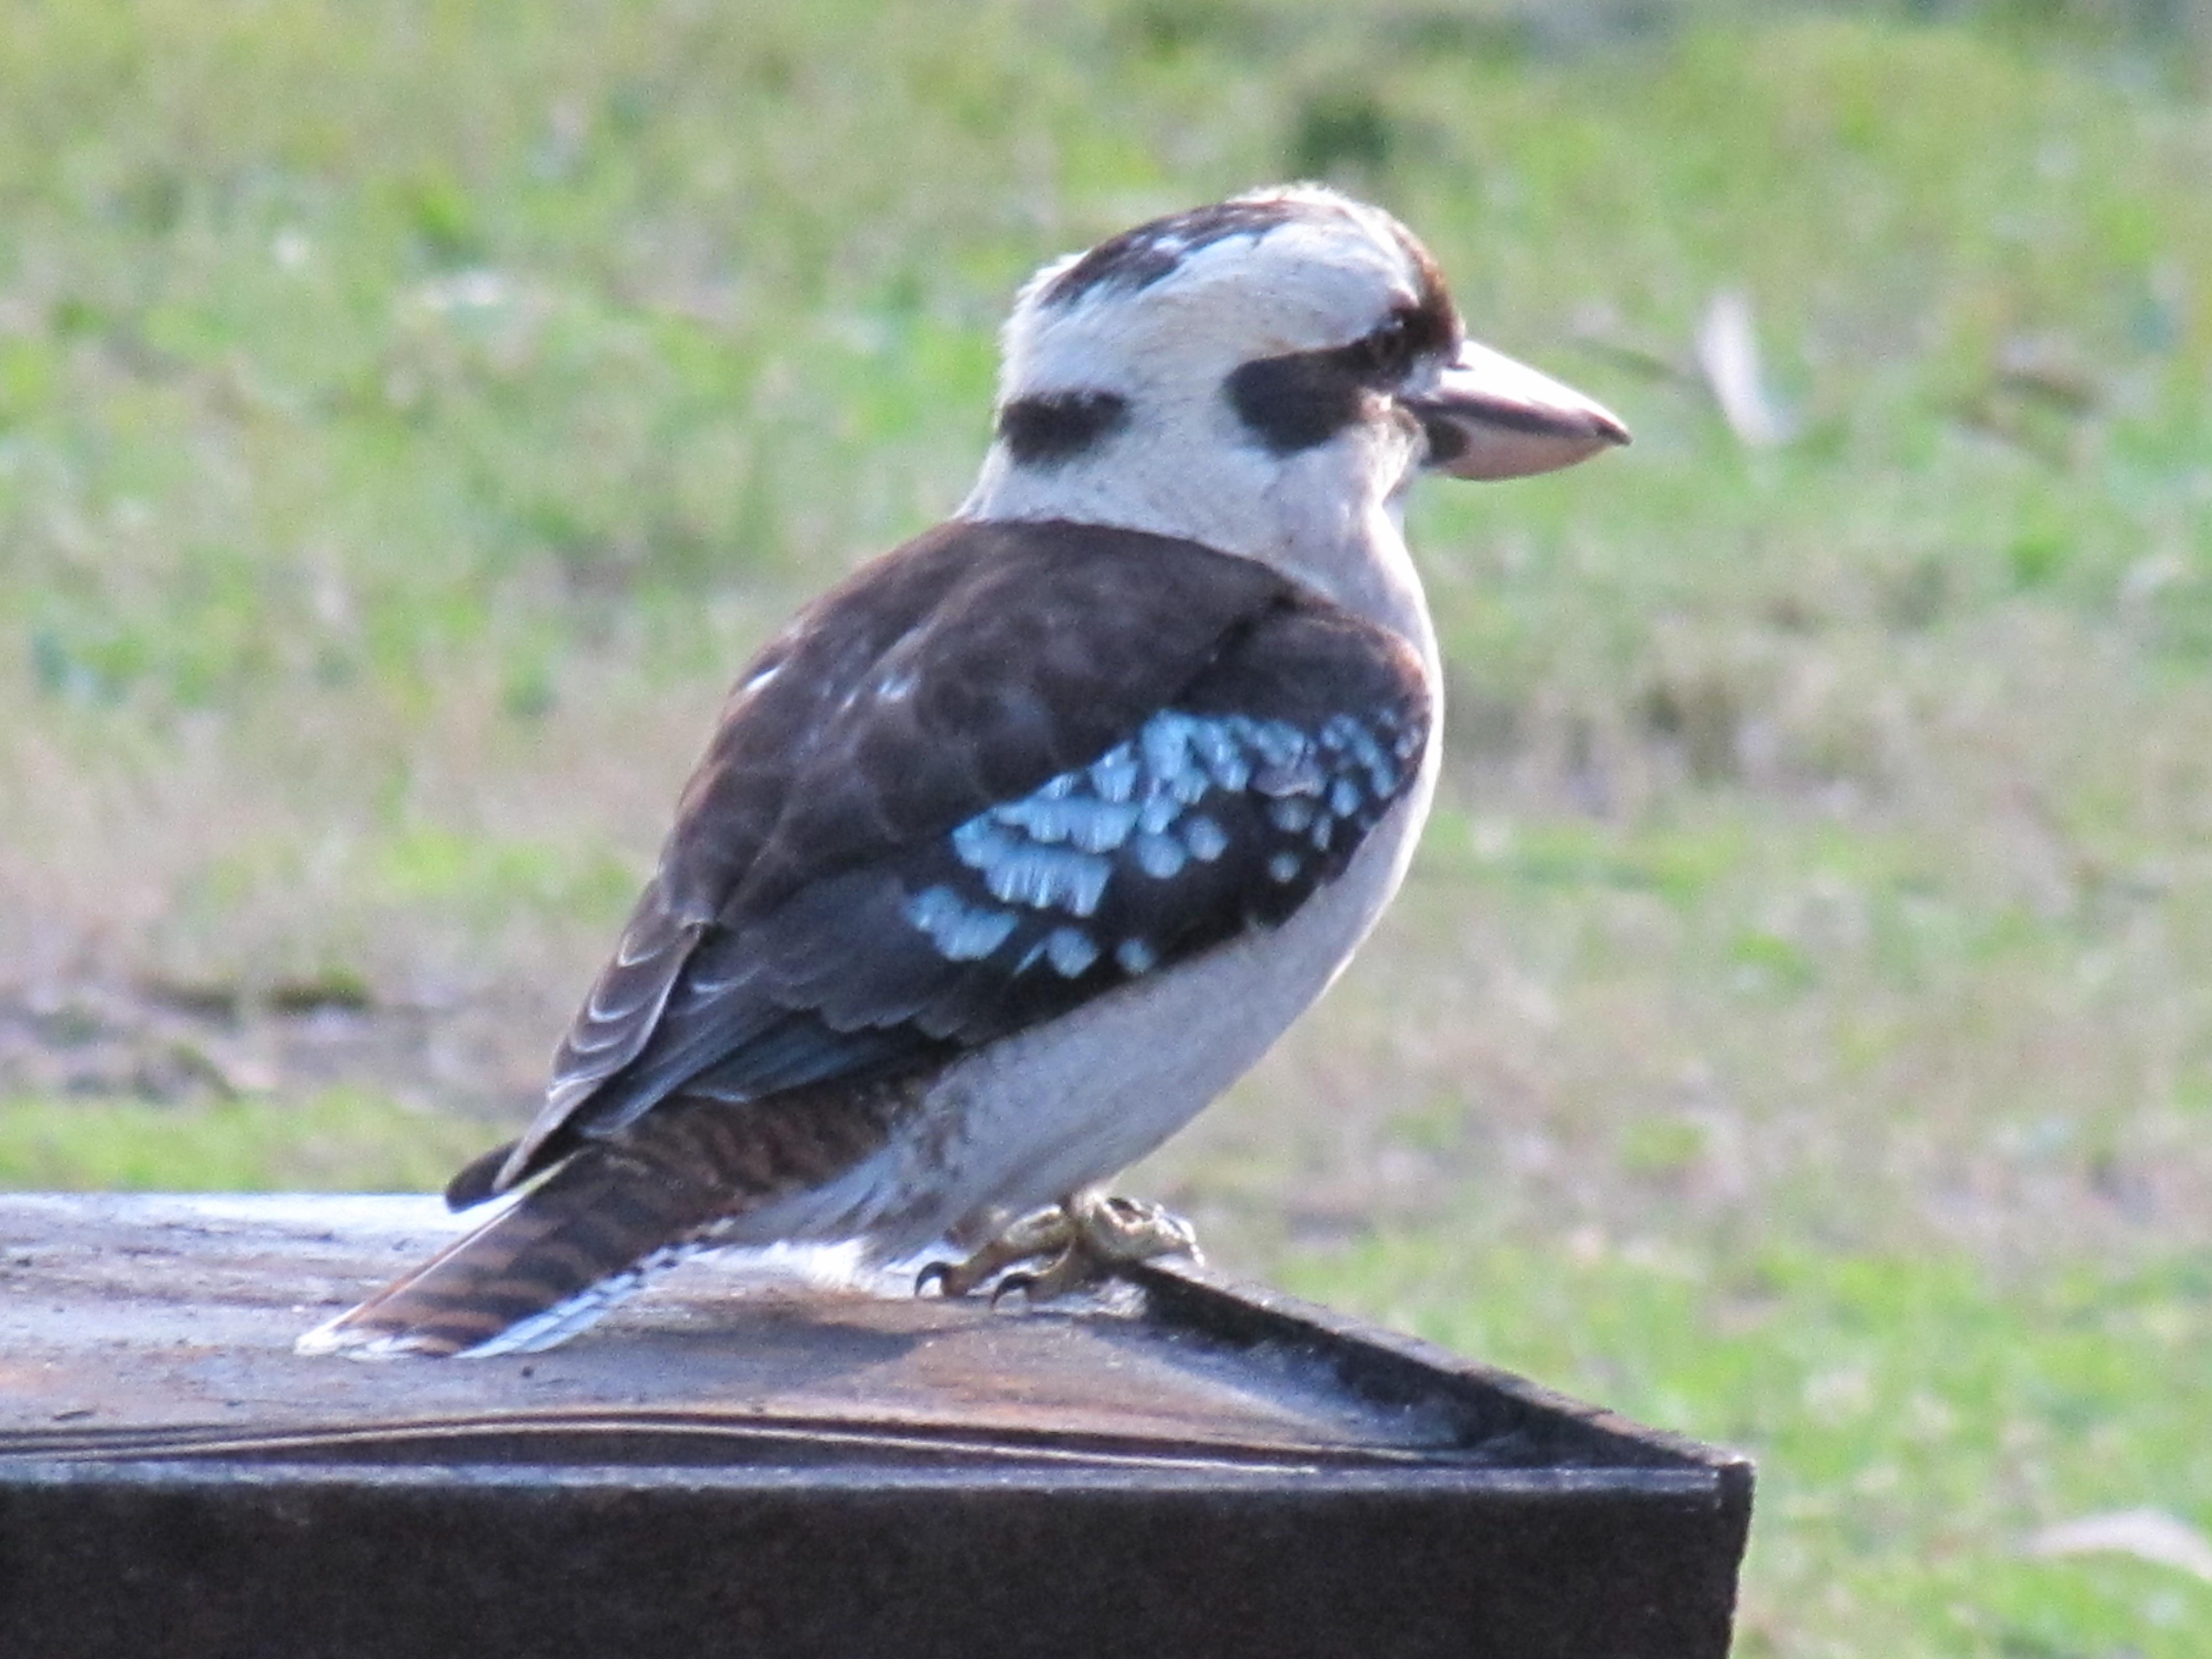 Kingfishers Archives - Page 2 of 4 - Trevor s Birding - Trevor s Birding ddea4555177d